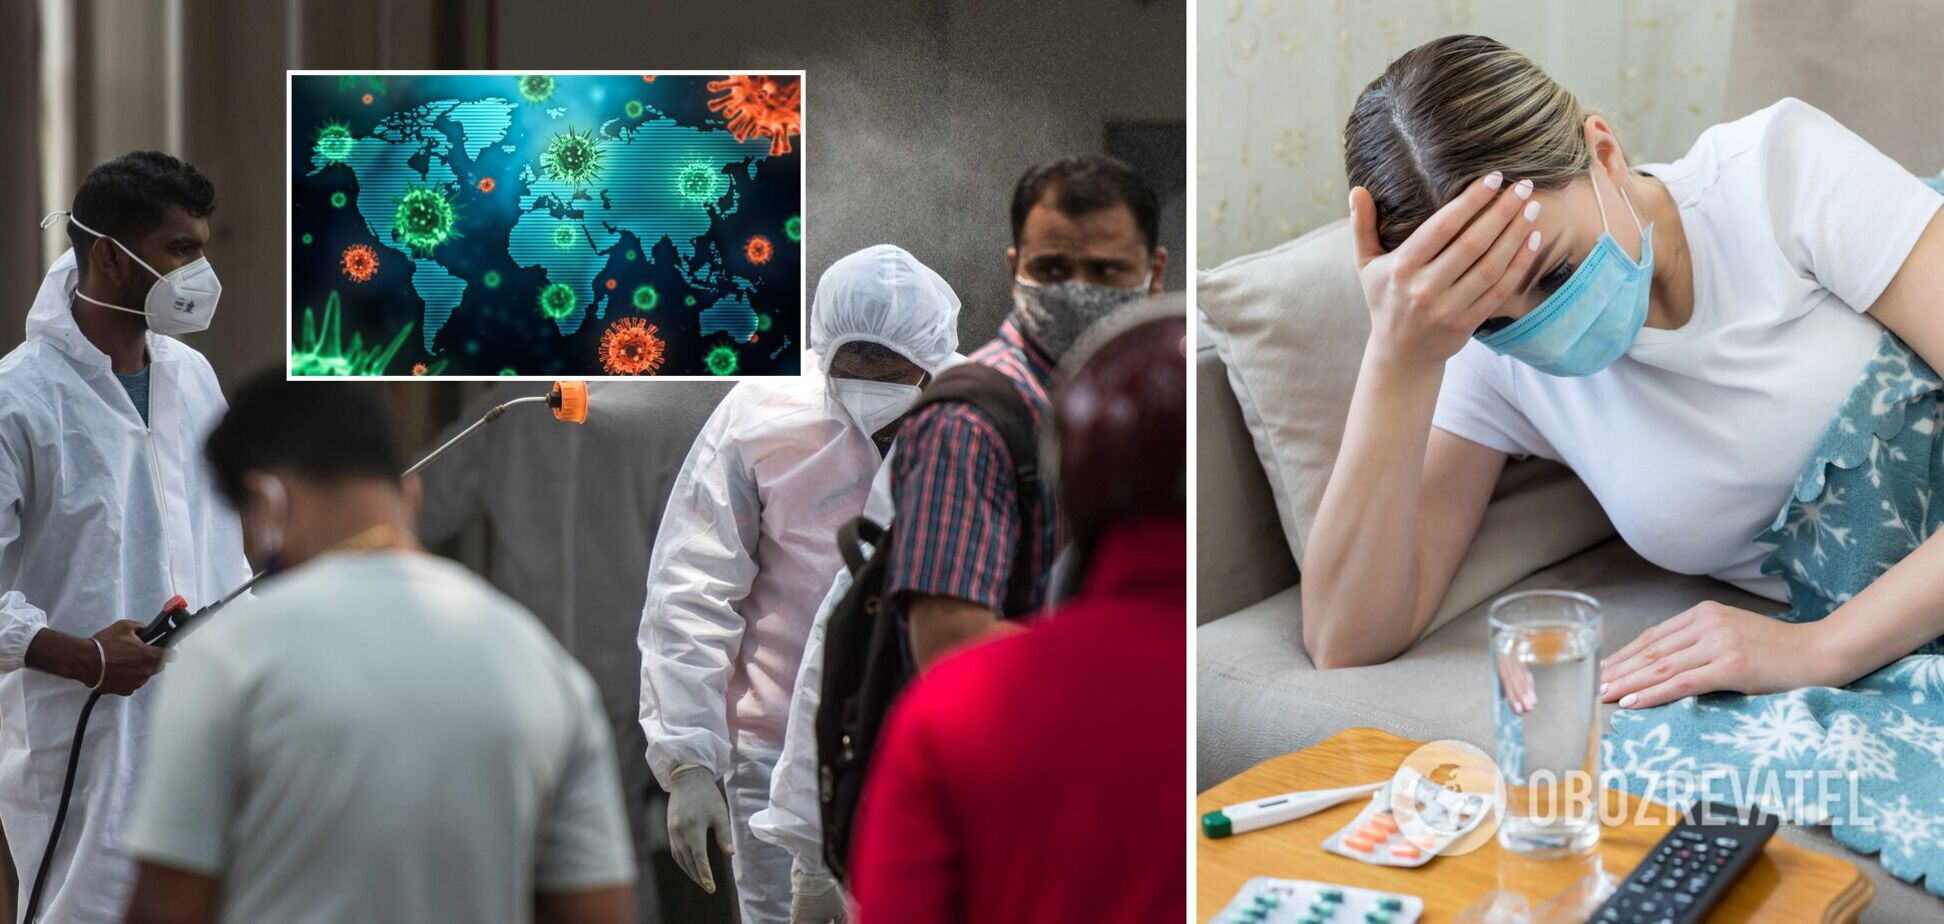 Дельта-вариант COVID-19 зафиксирован в более 70 странах: может 'обойти' иммунную защиту от вакцин